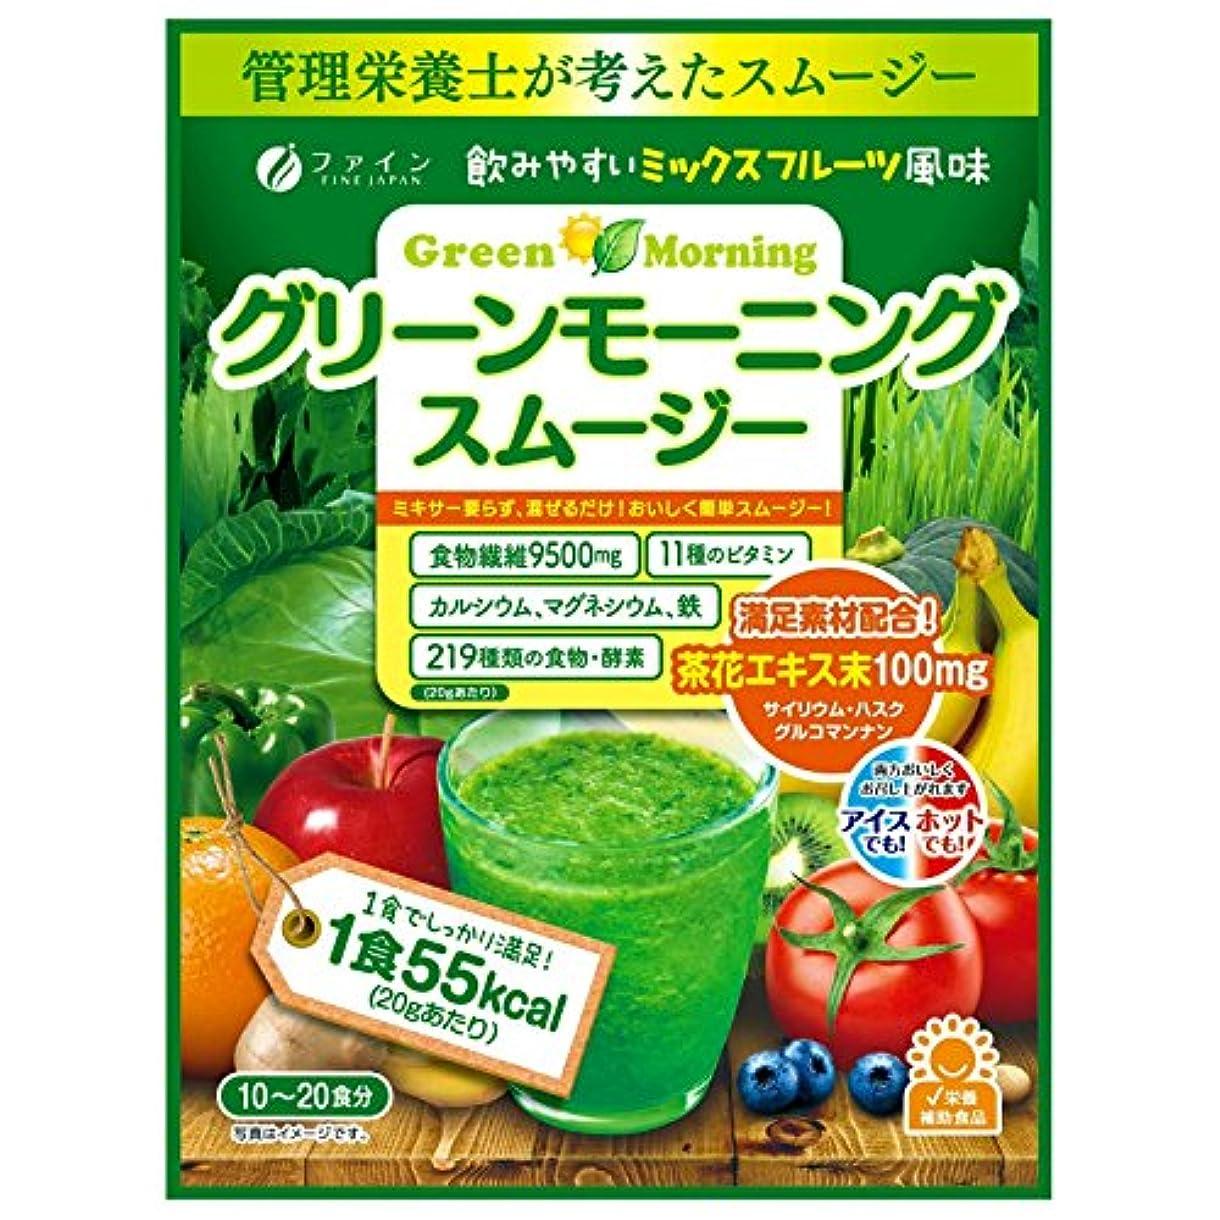 つまずく起きる扱いやすいファイン グリーンモーニングスムージー ミックスフルーツ風味 200g×4個セット